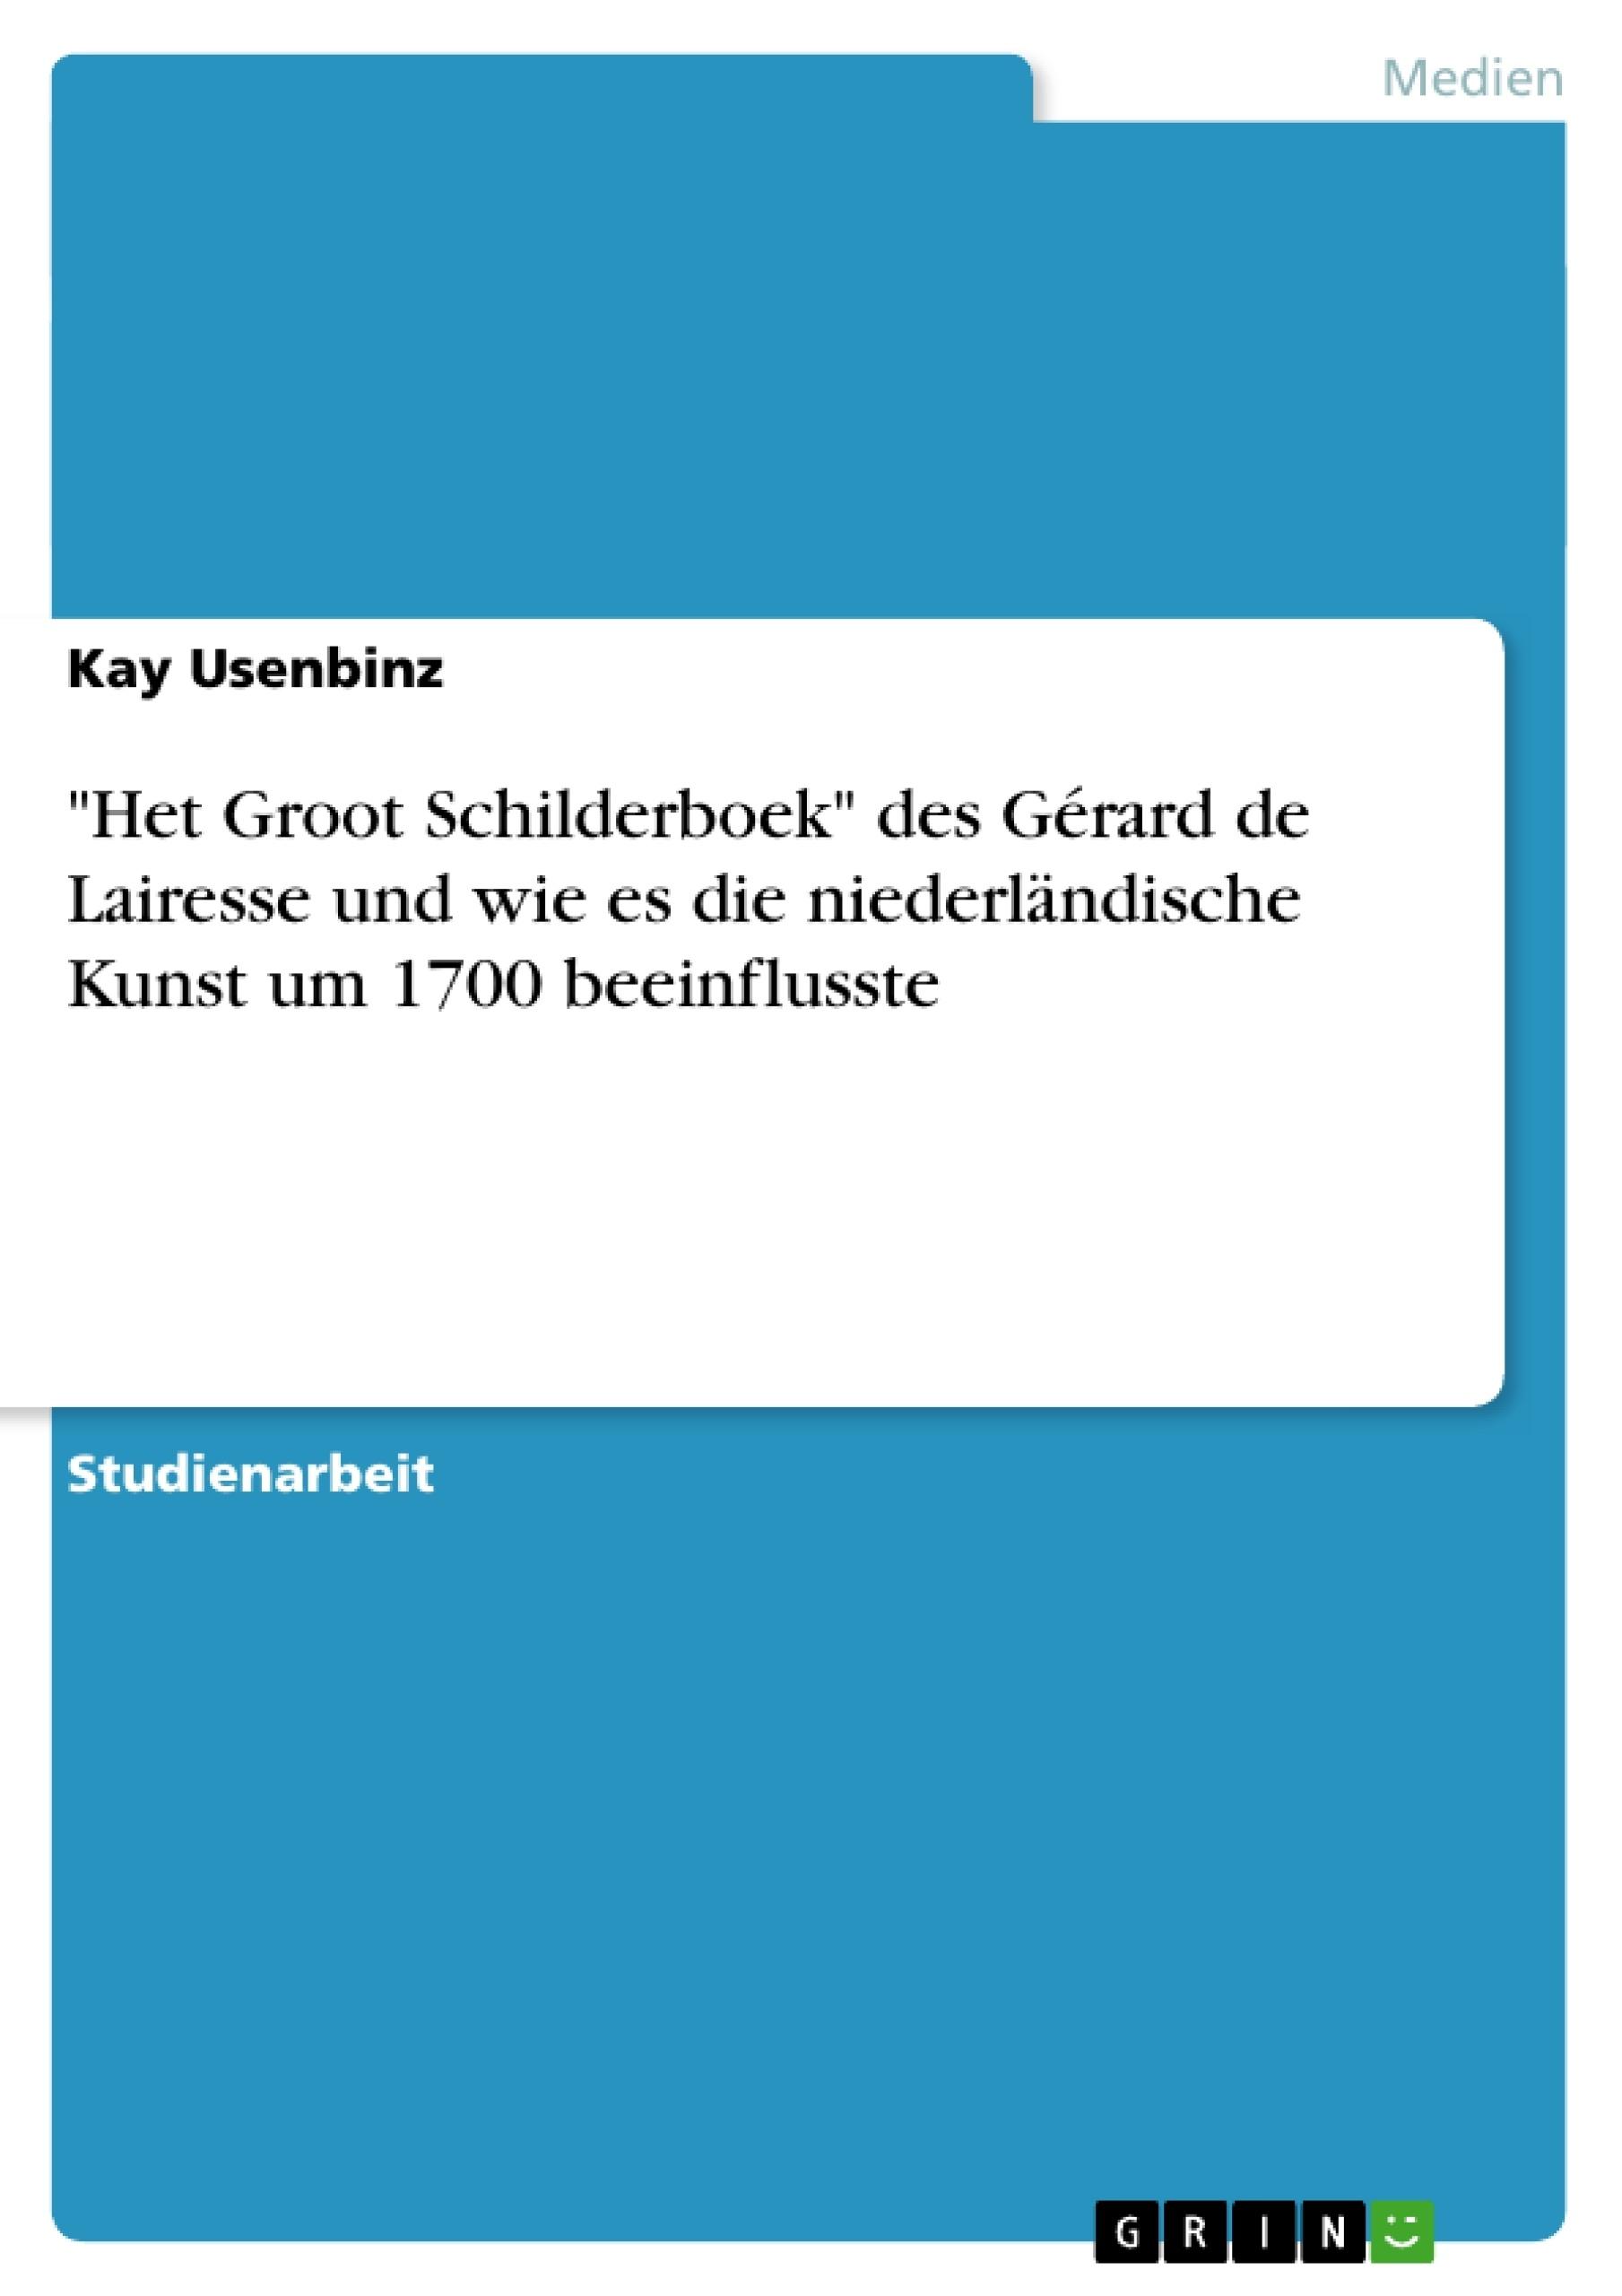 """Titel: """"Het Groot Schilderboek"""" des Gérard de Lairesse und wie es die niederländische Kunst um 1700 beeinflusste"""